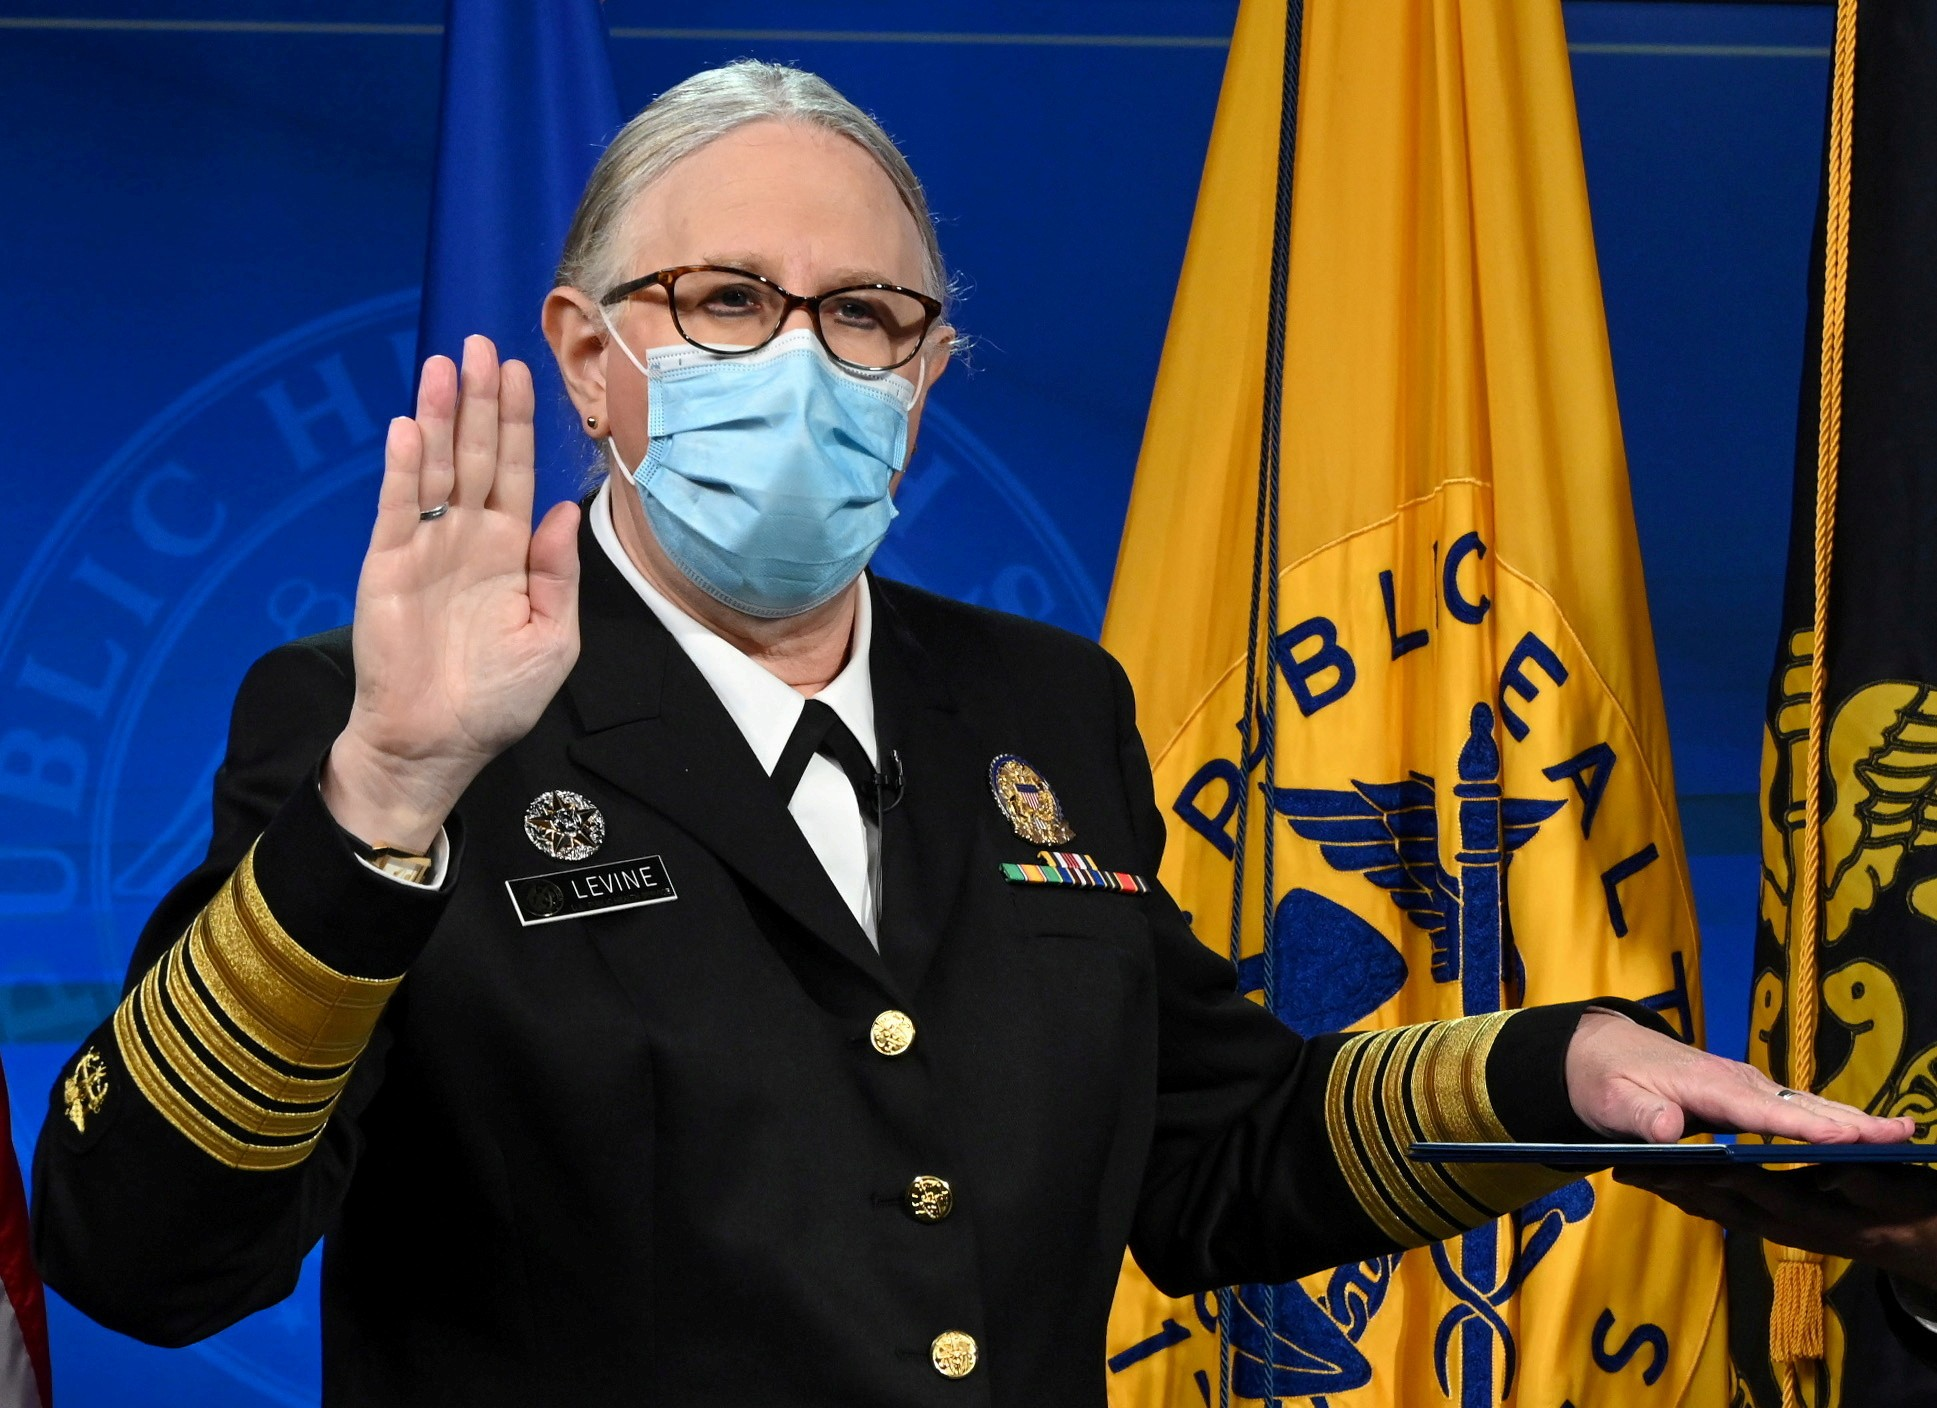 Médica toma posse como 1ª pessoa trans nos EUA a chegar ao cargo de almirante quatro estrelas